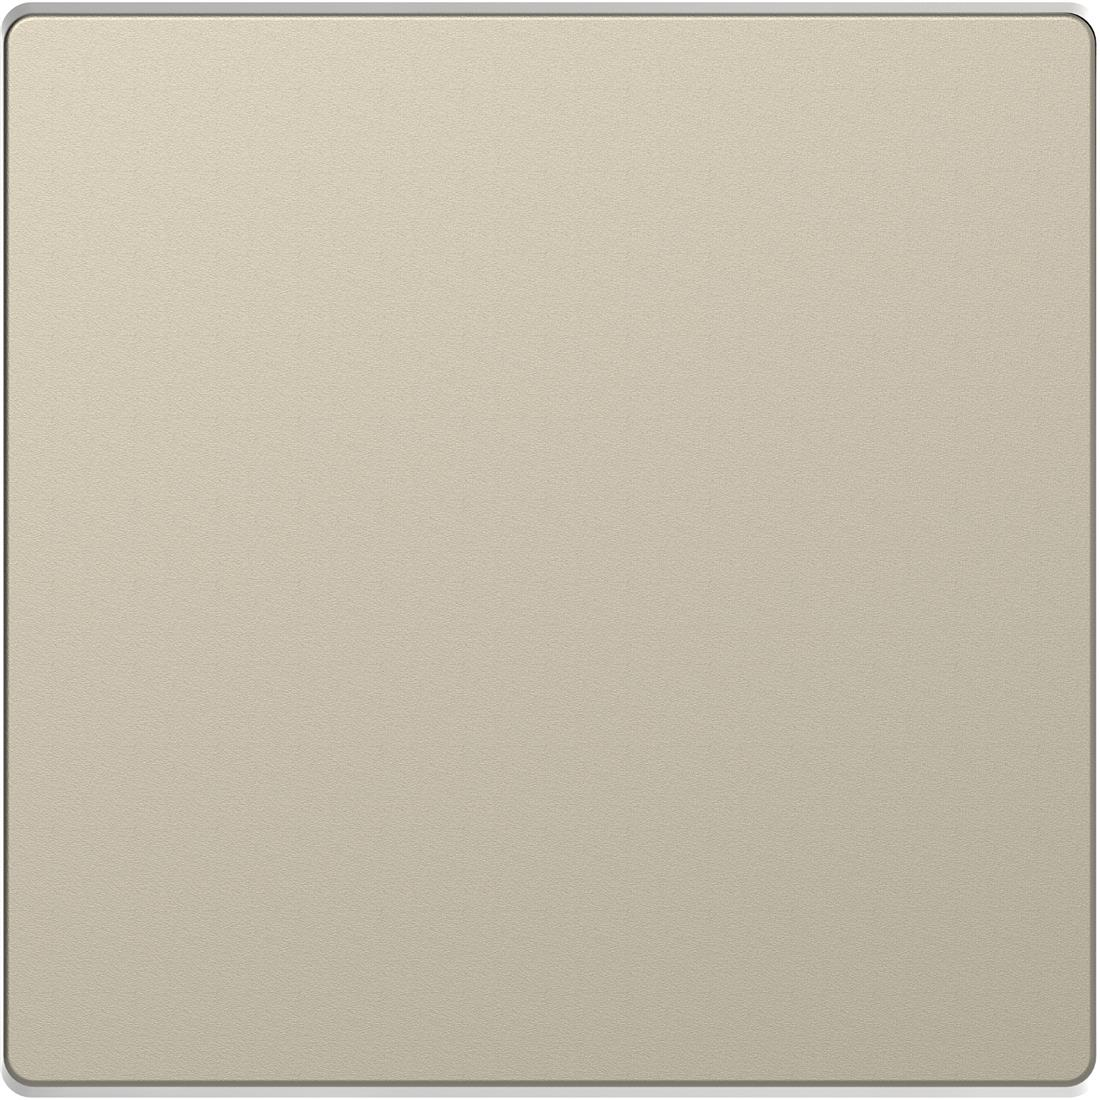 Schneider-Merten D Life schakelwip voor wisselschakelaar - sahara (MTN3300-6033)